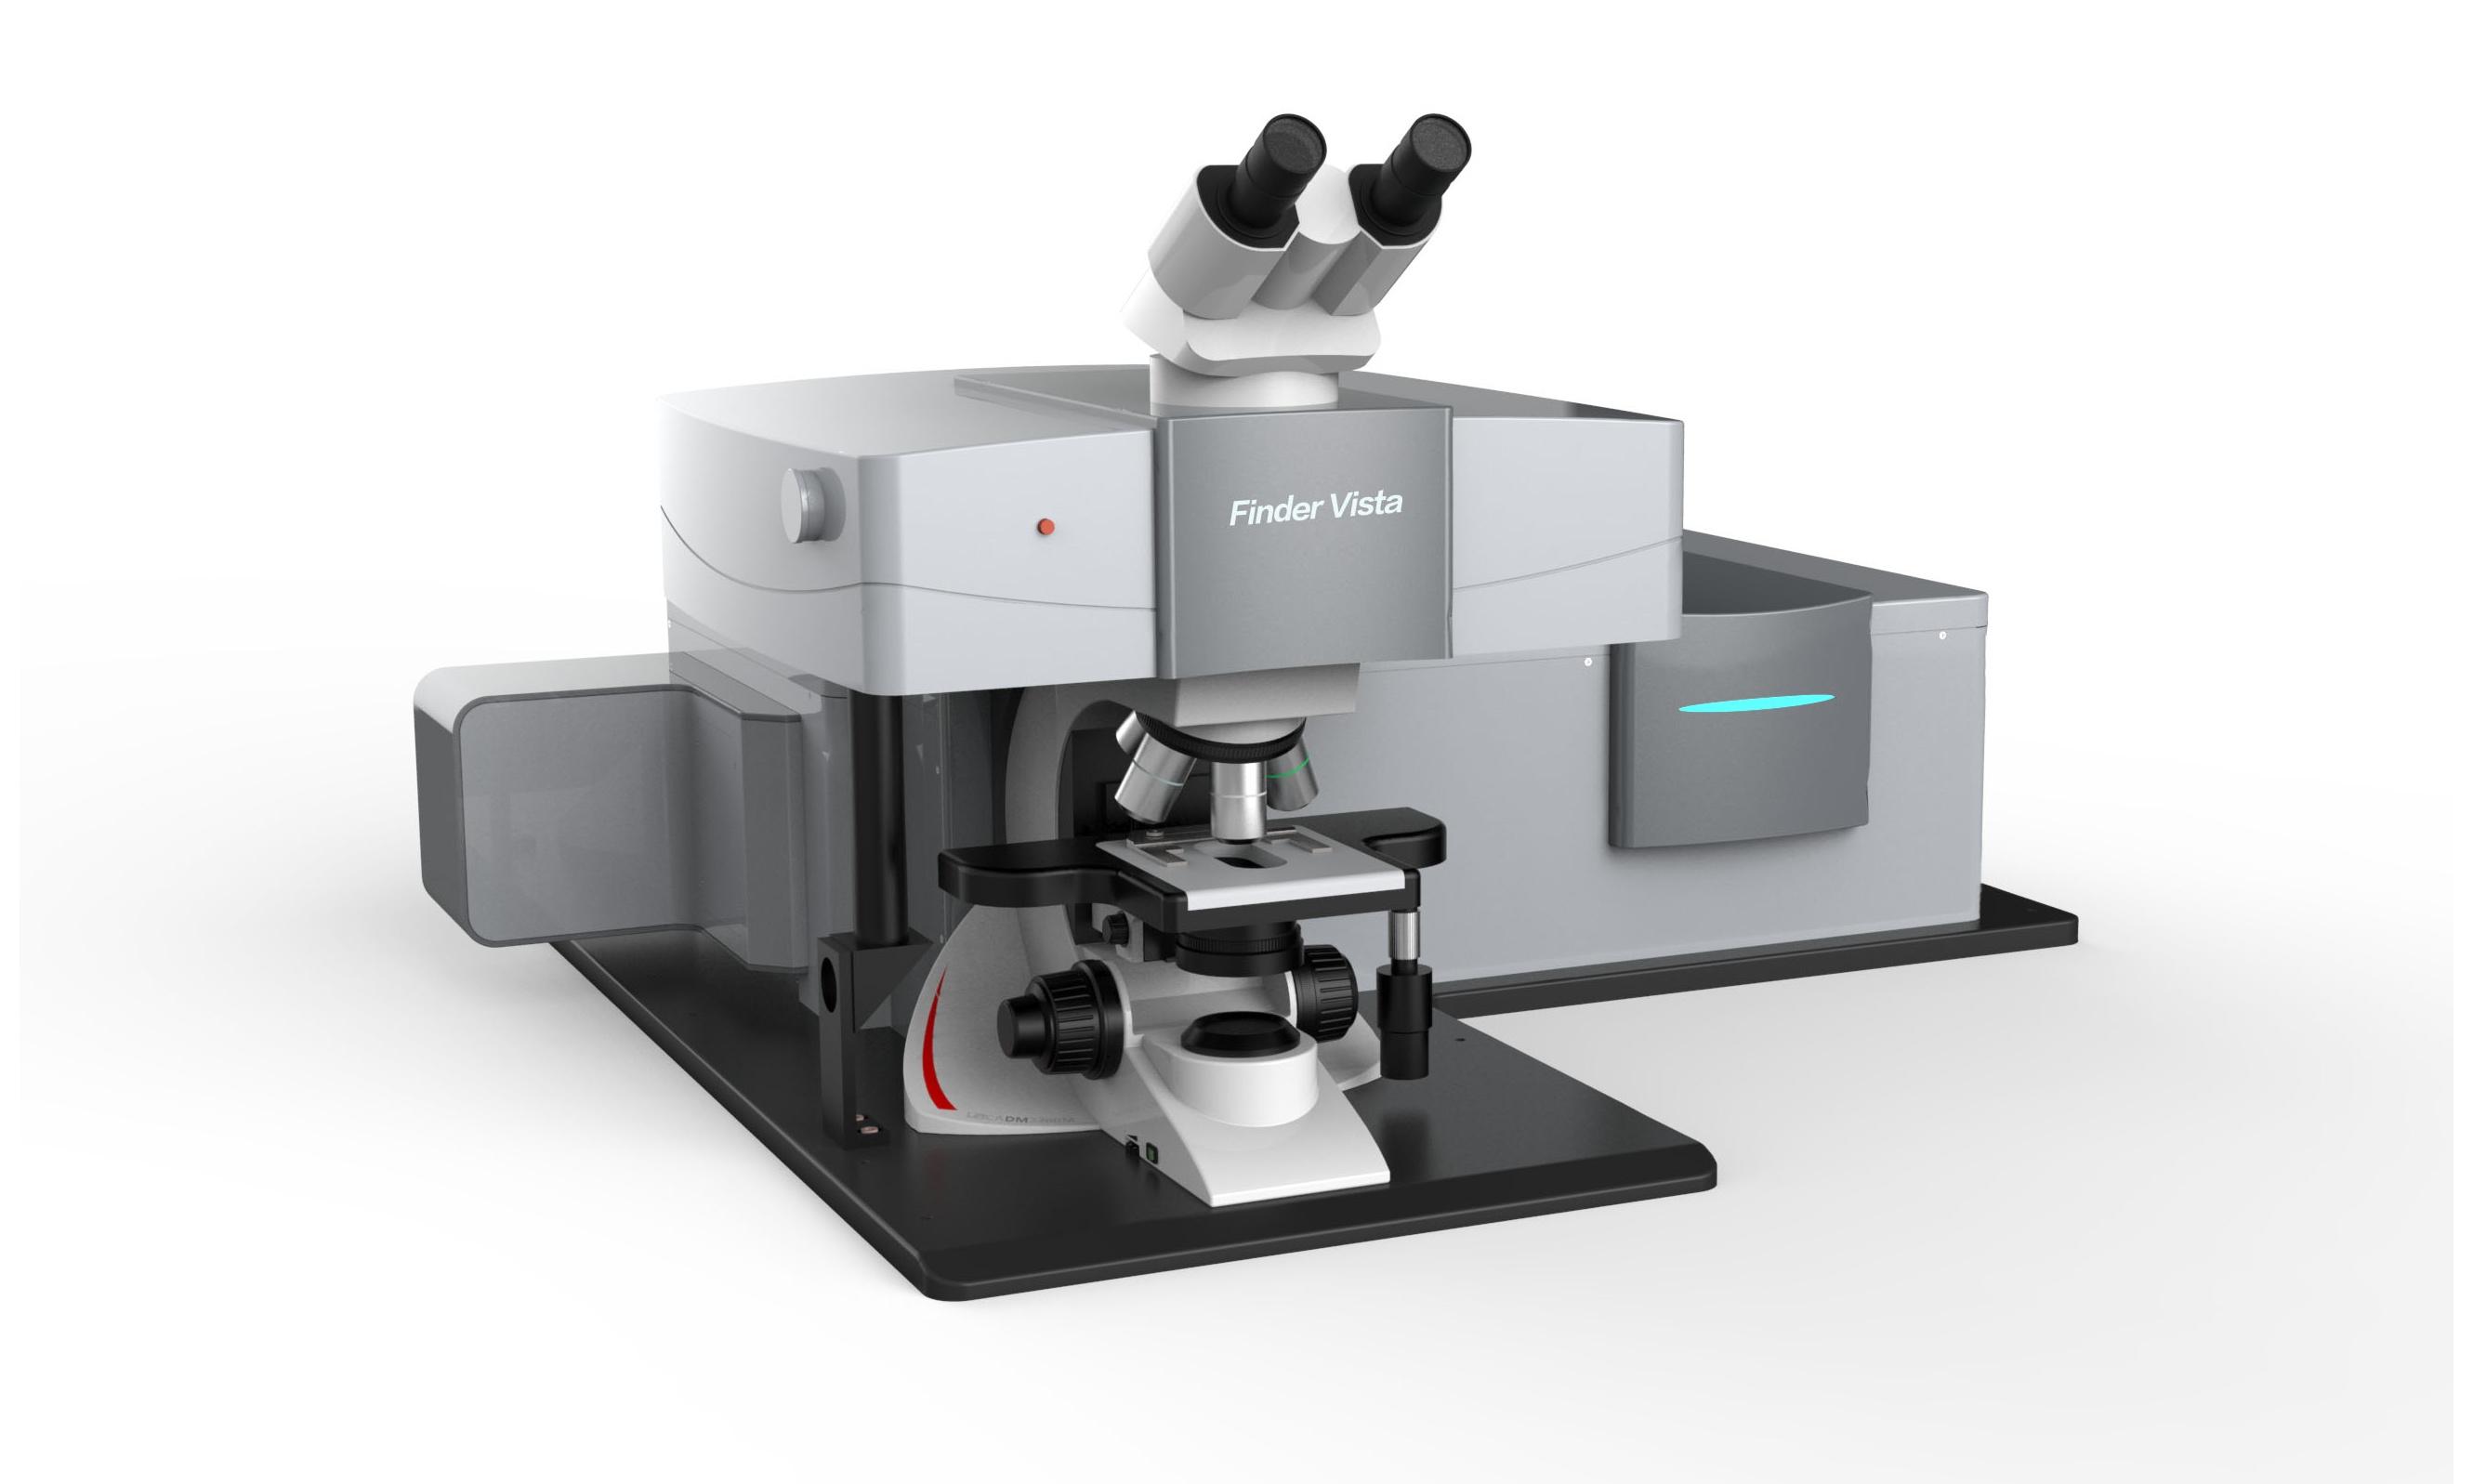 安徽省地质实验研究所激光显微共聚焦拉曼光谱仪等仪器设备采购项目招标